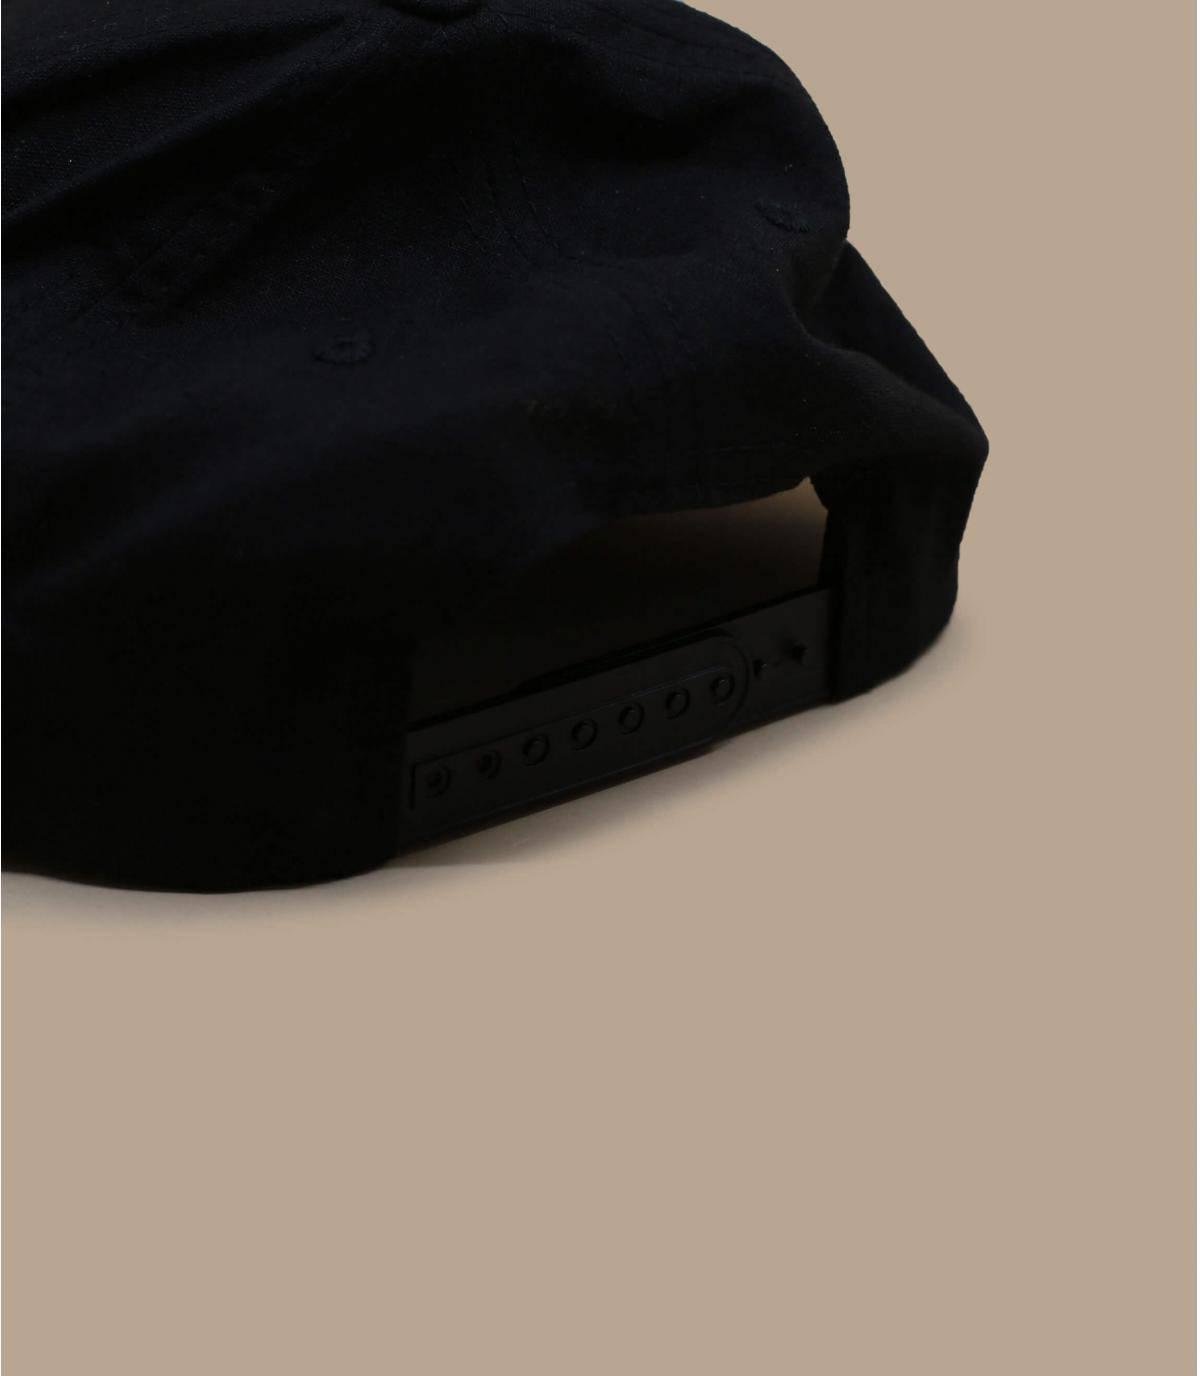 Details New Wave black - afbeeling 4